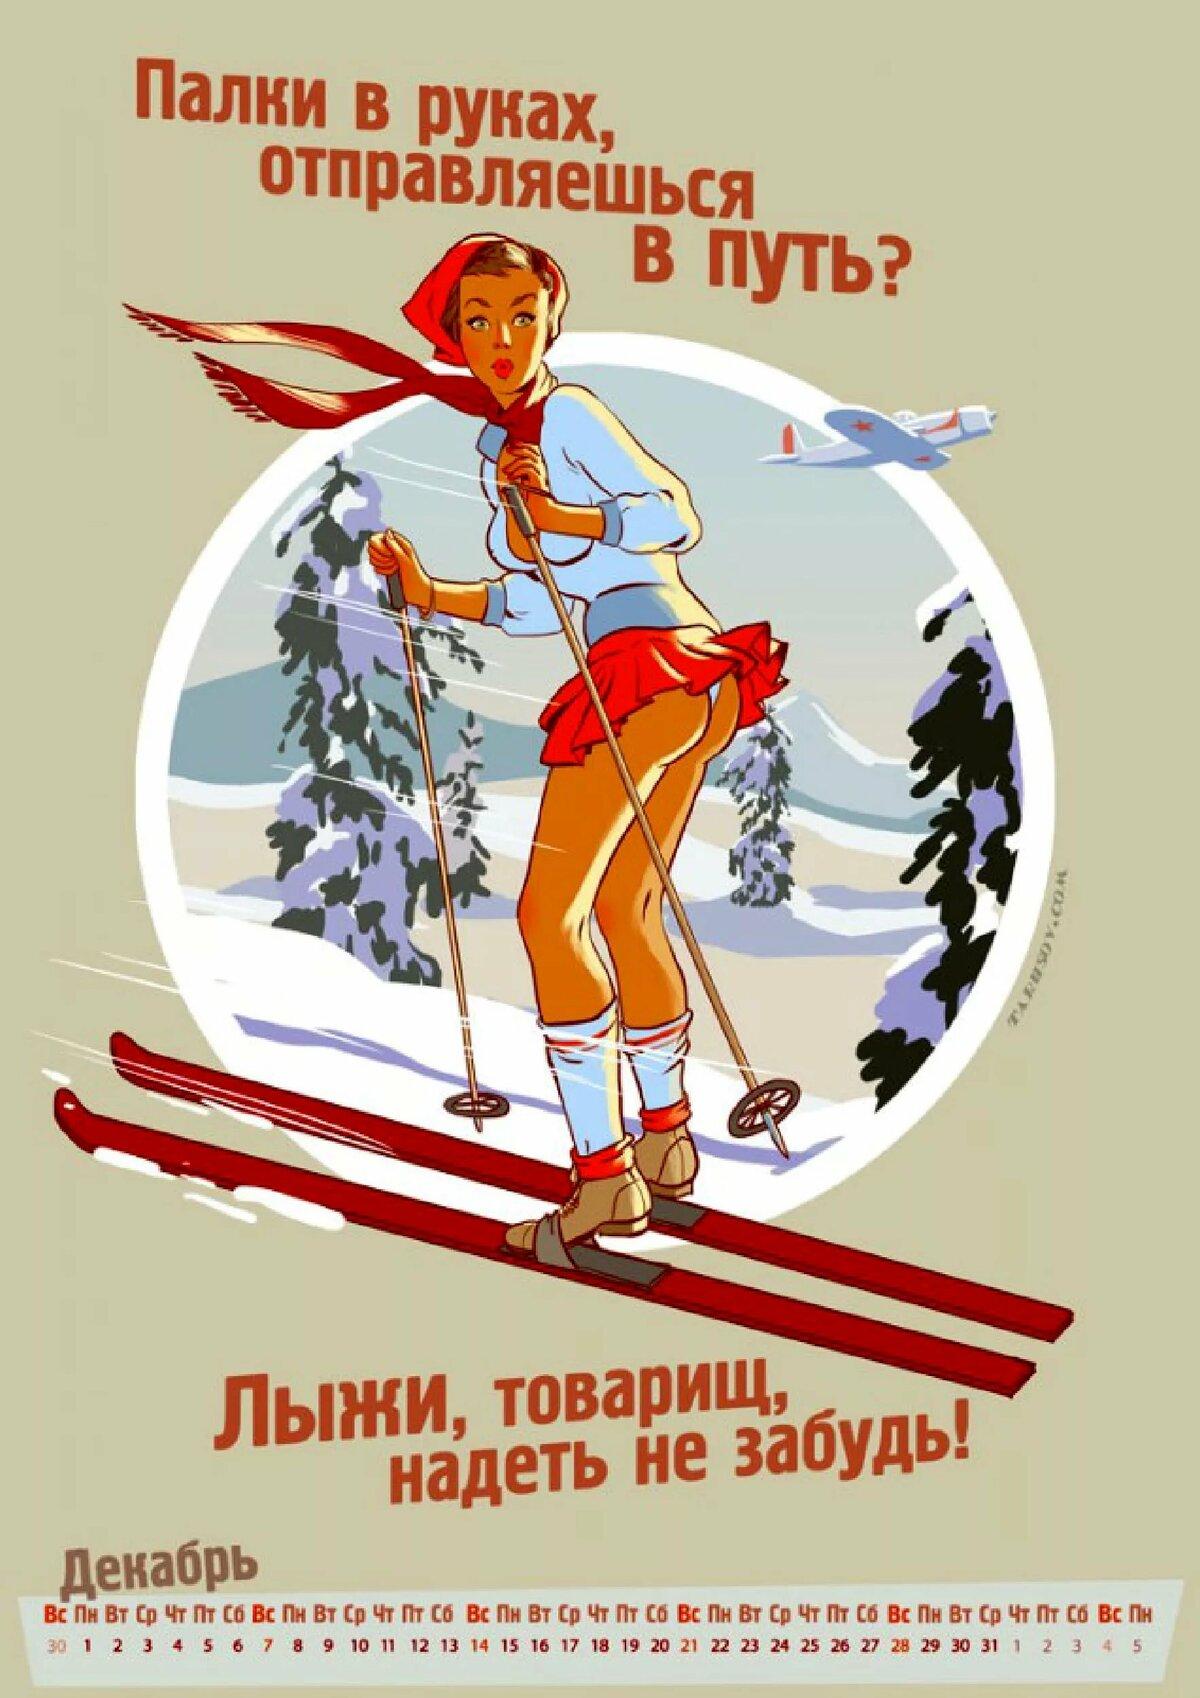 подготовлена пожелания лыжнику с днем рождения течение суток